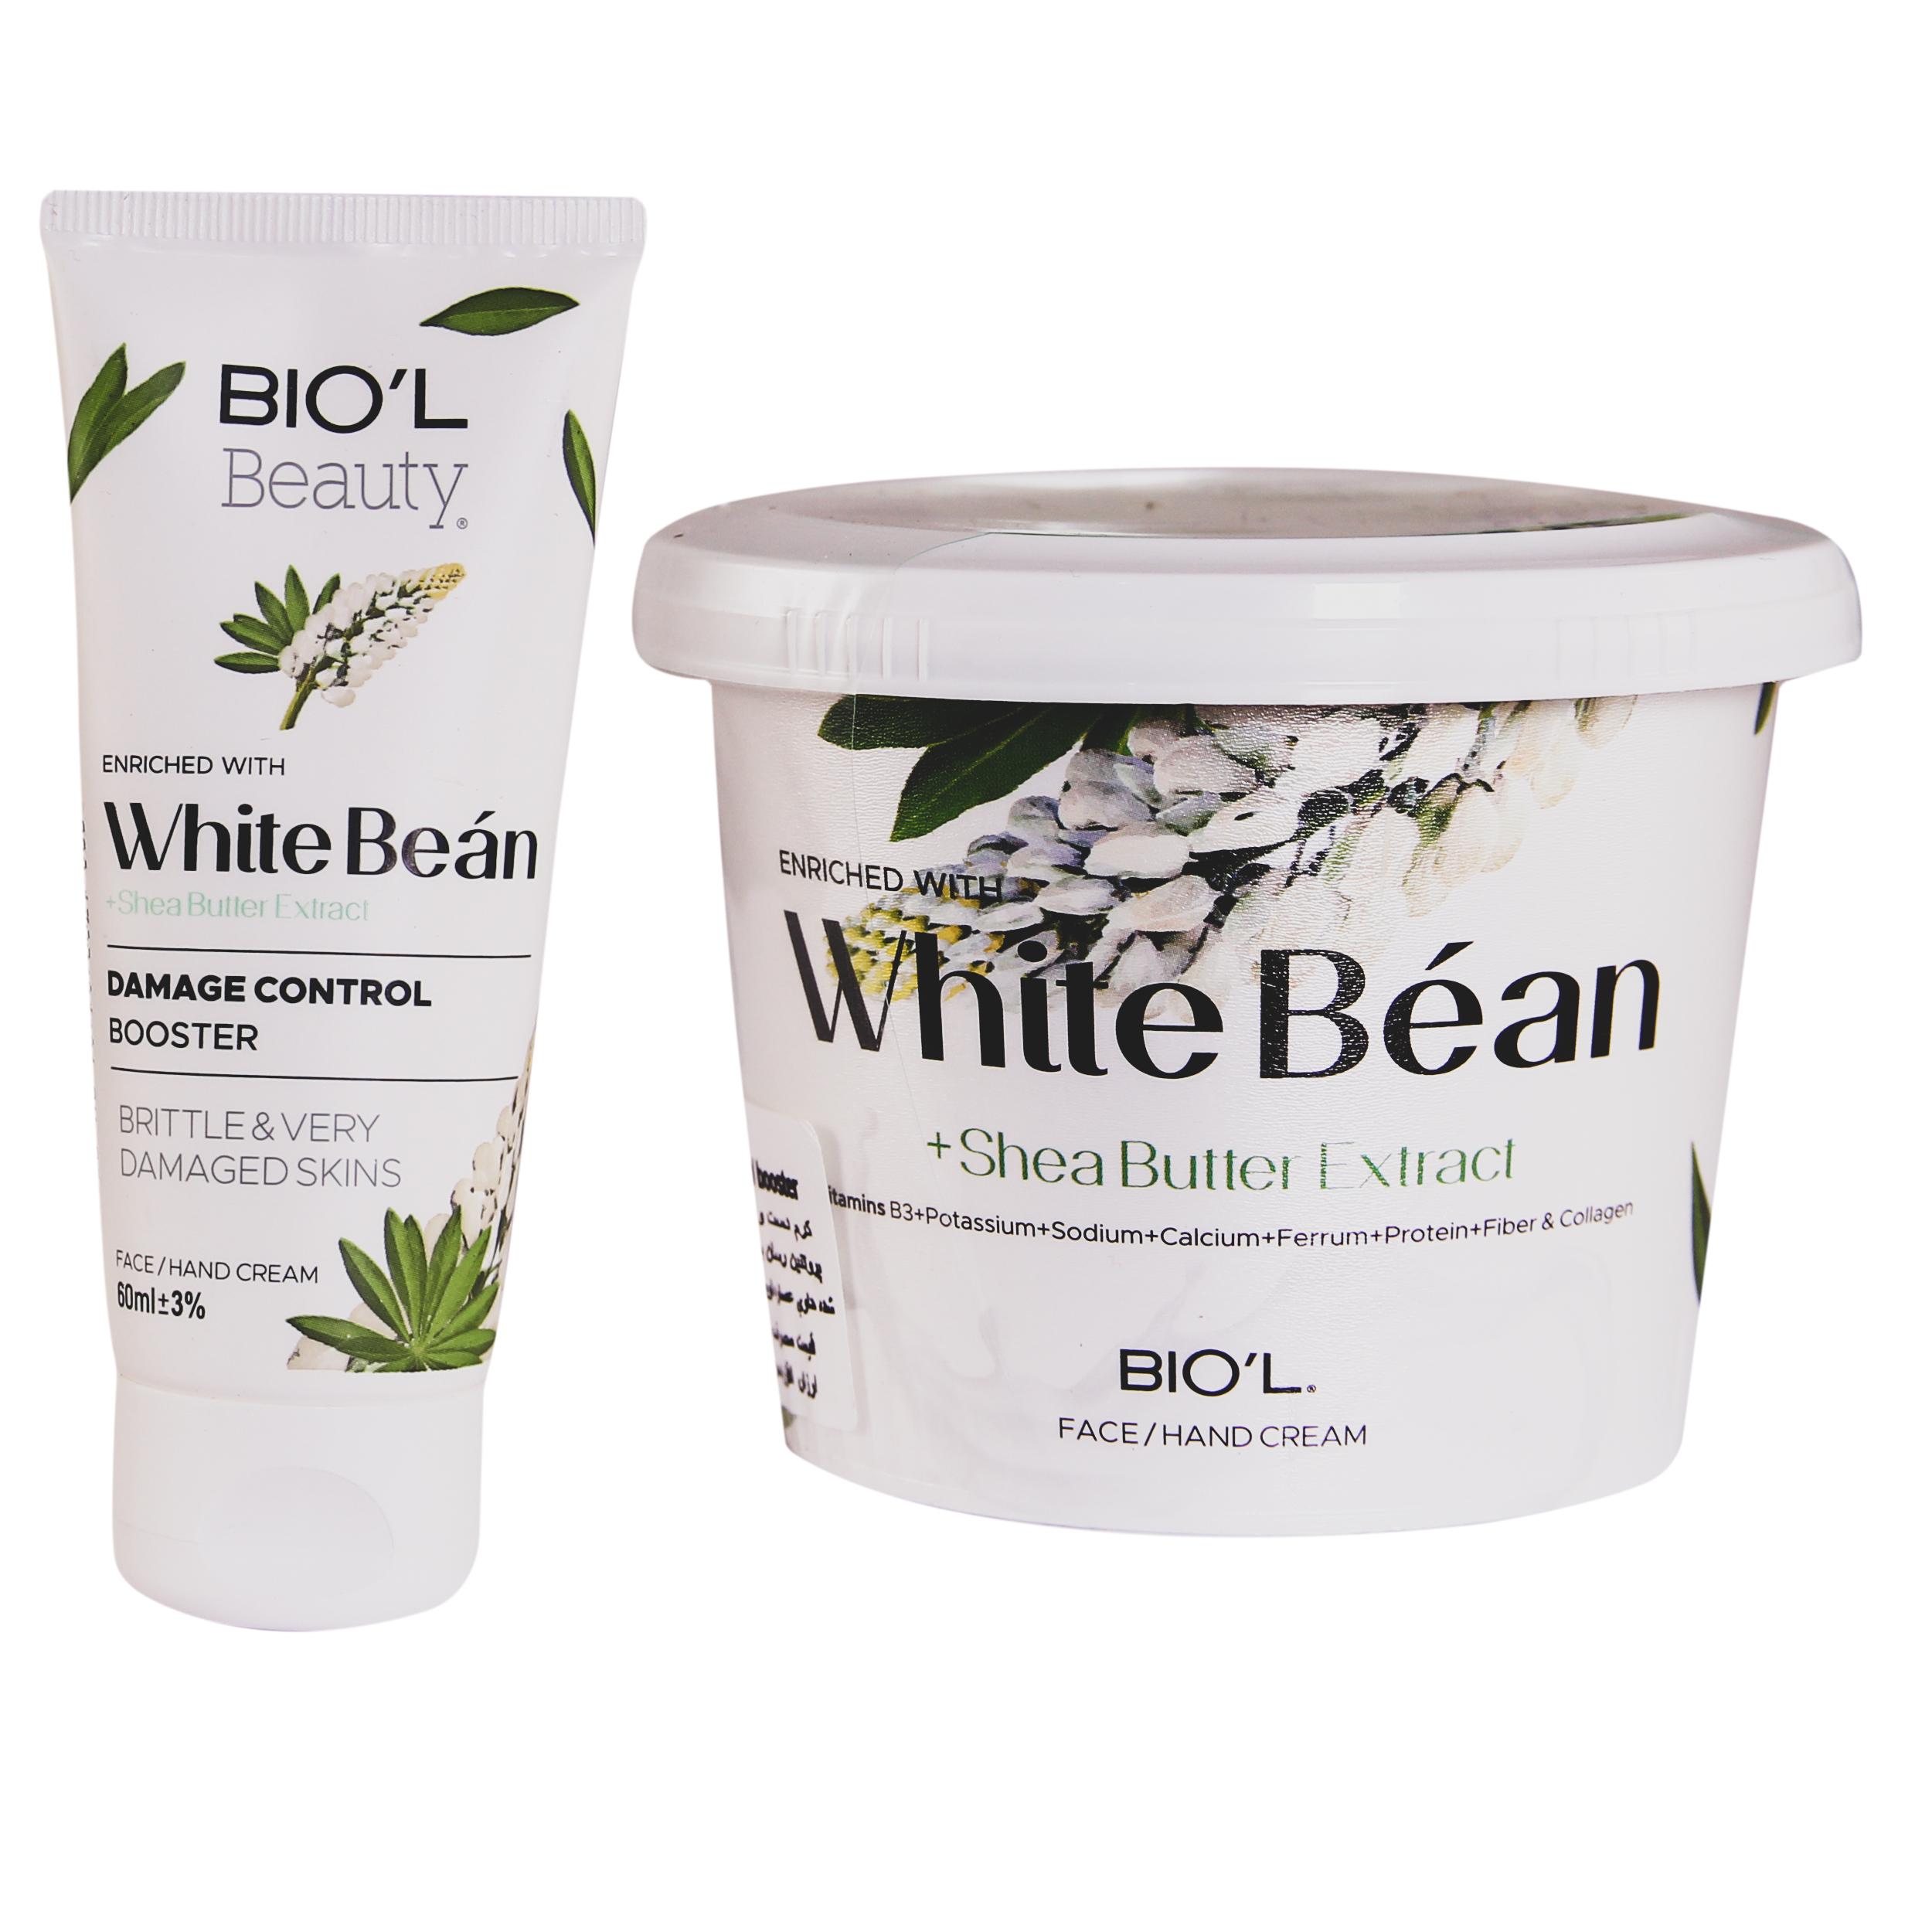 کرم مرطوب کننده بیول مدل WHITE BEAN حجم 250 میلی لیتر به همراه کرم مرطوب کننده بیول مدل WHITE BEAN حجم 60 میلی لیتر